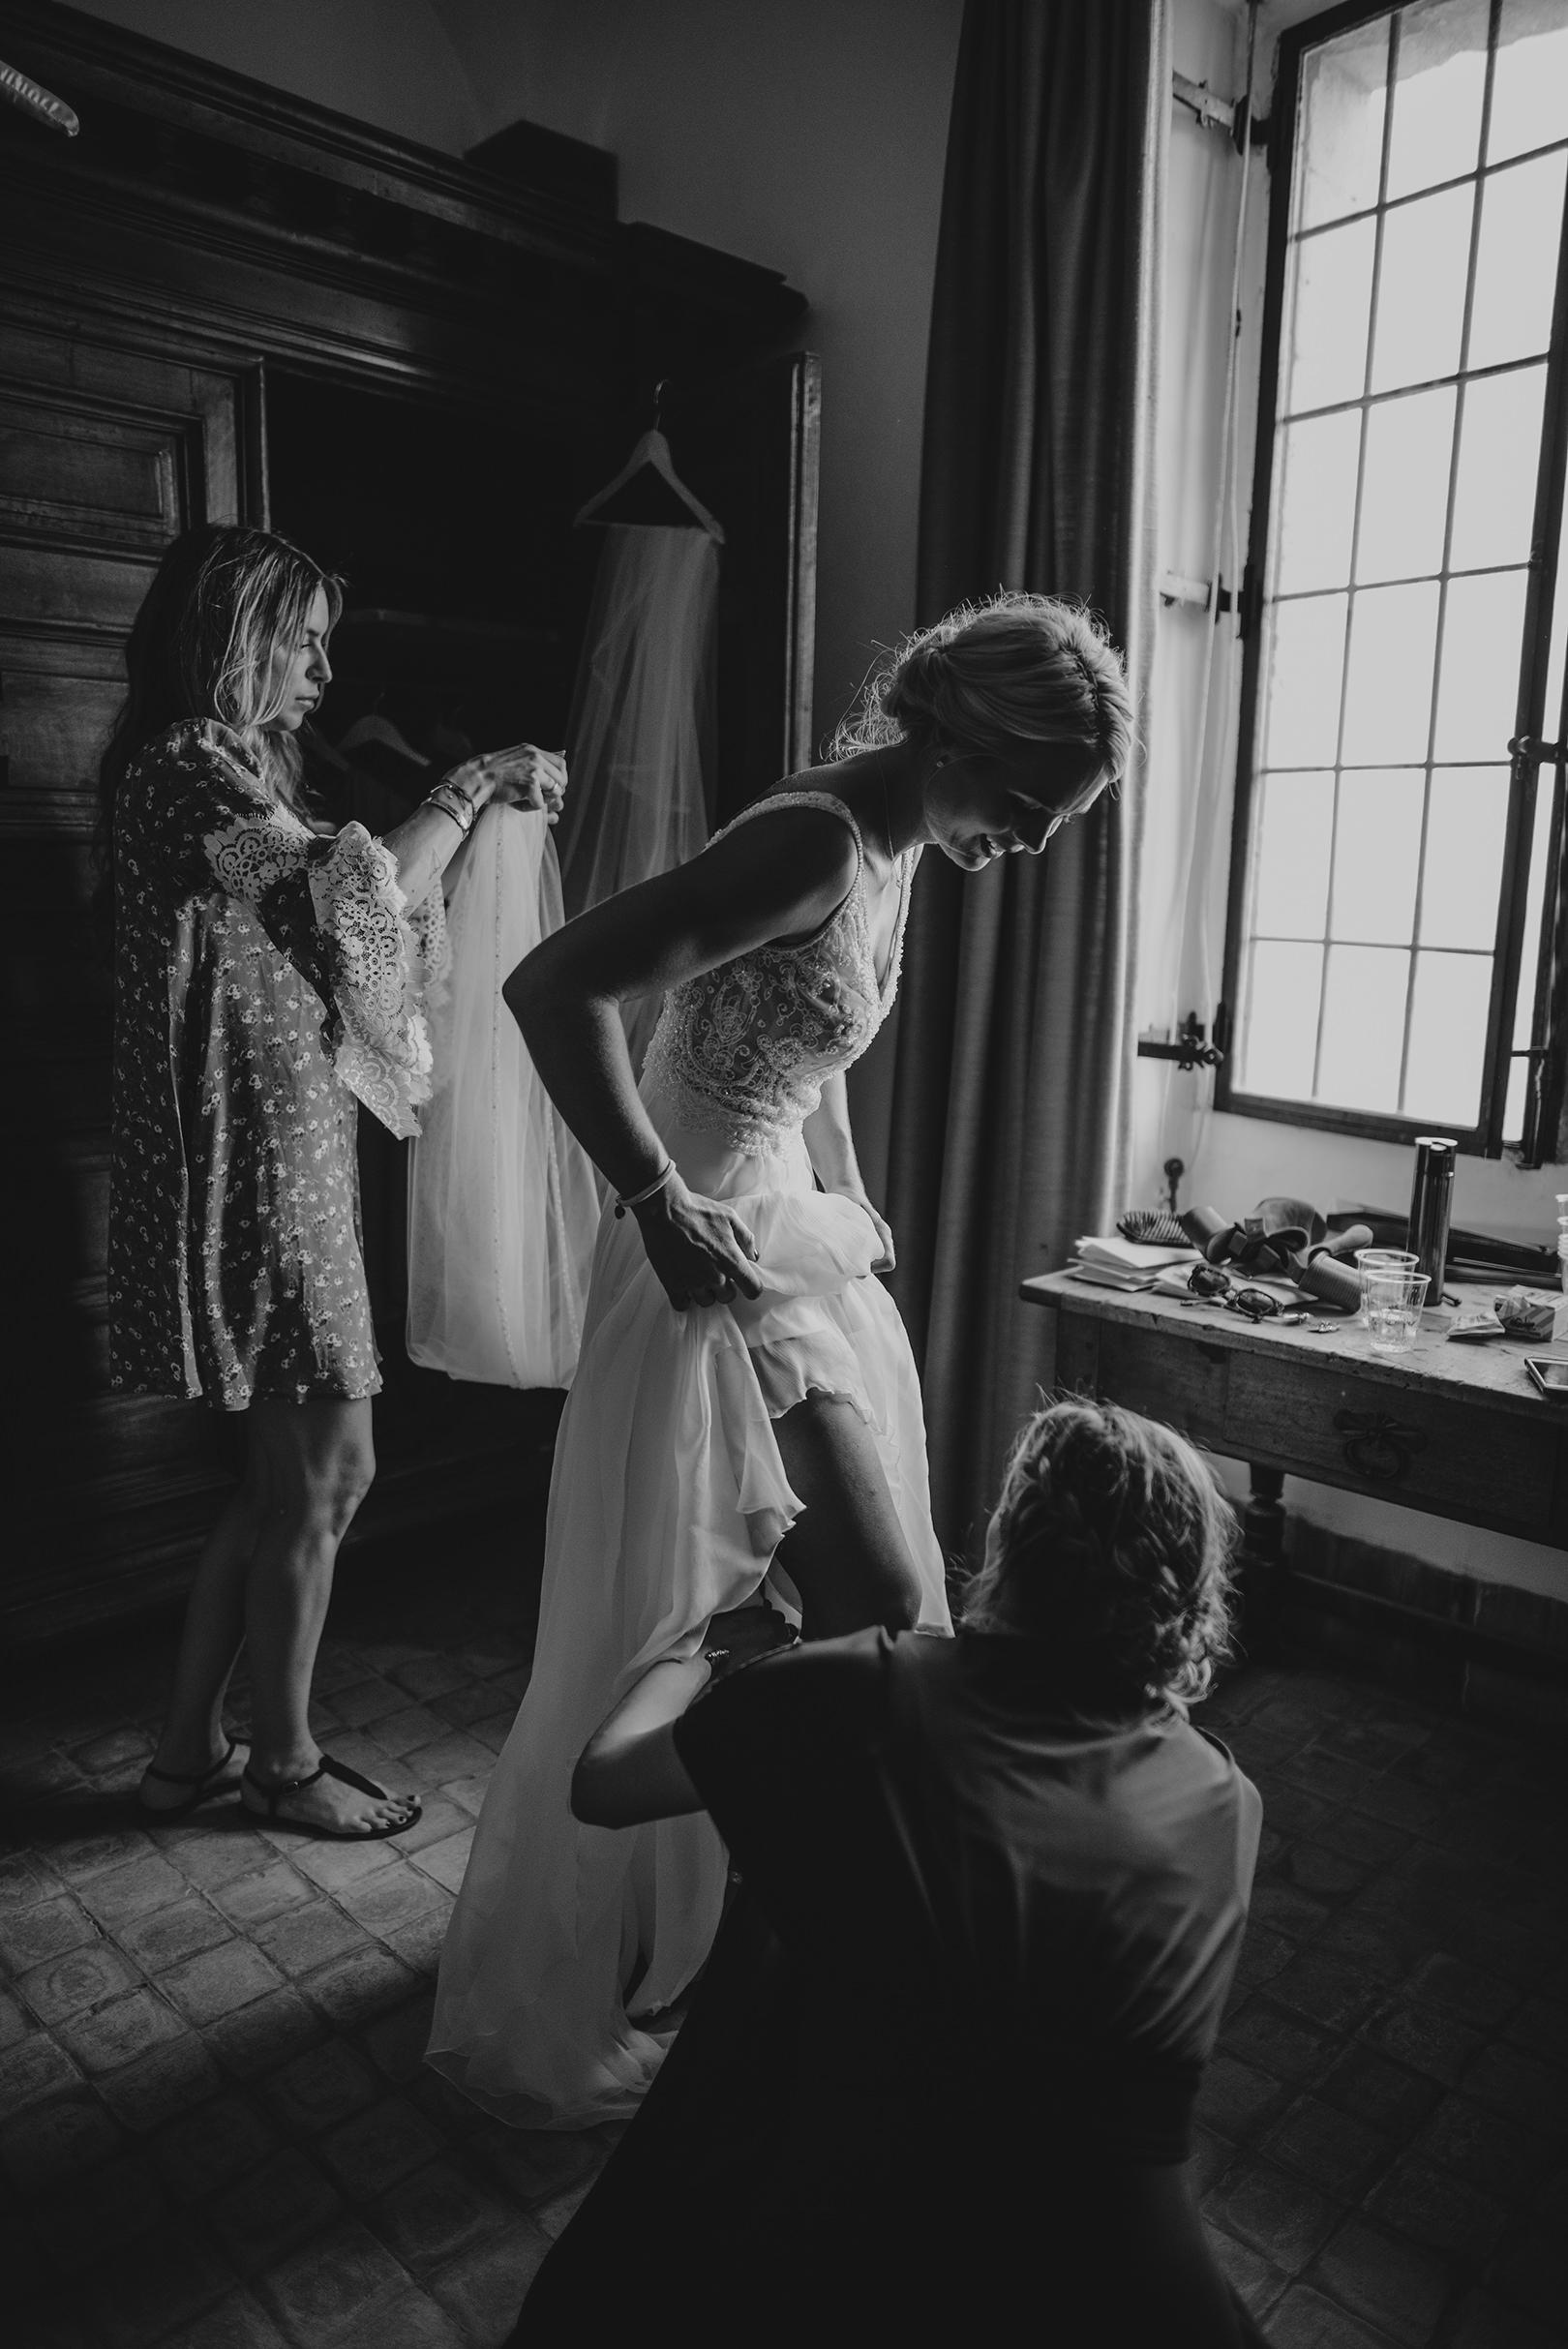 Wedding preparation at Chateau de la Napoule